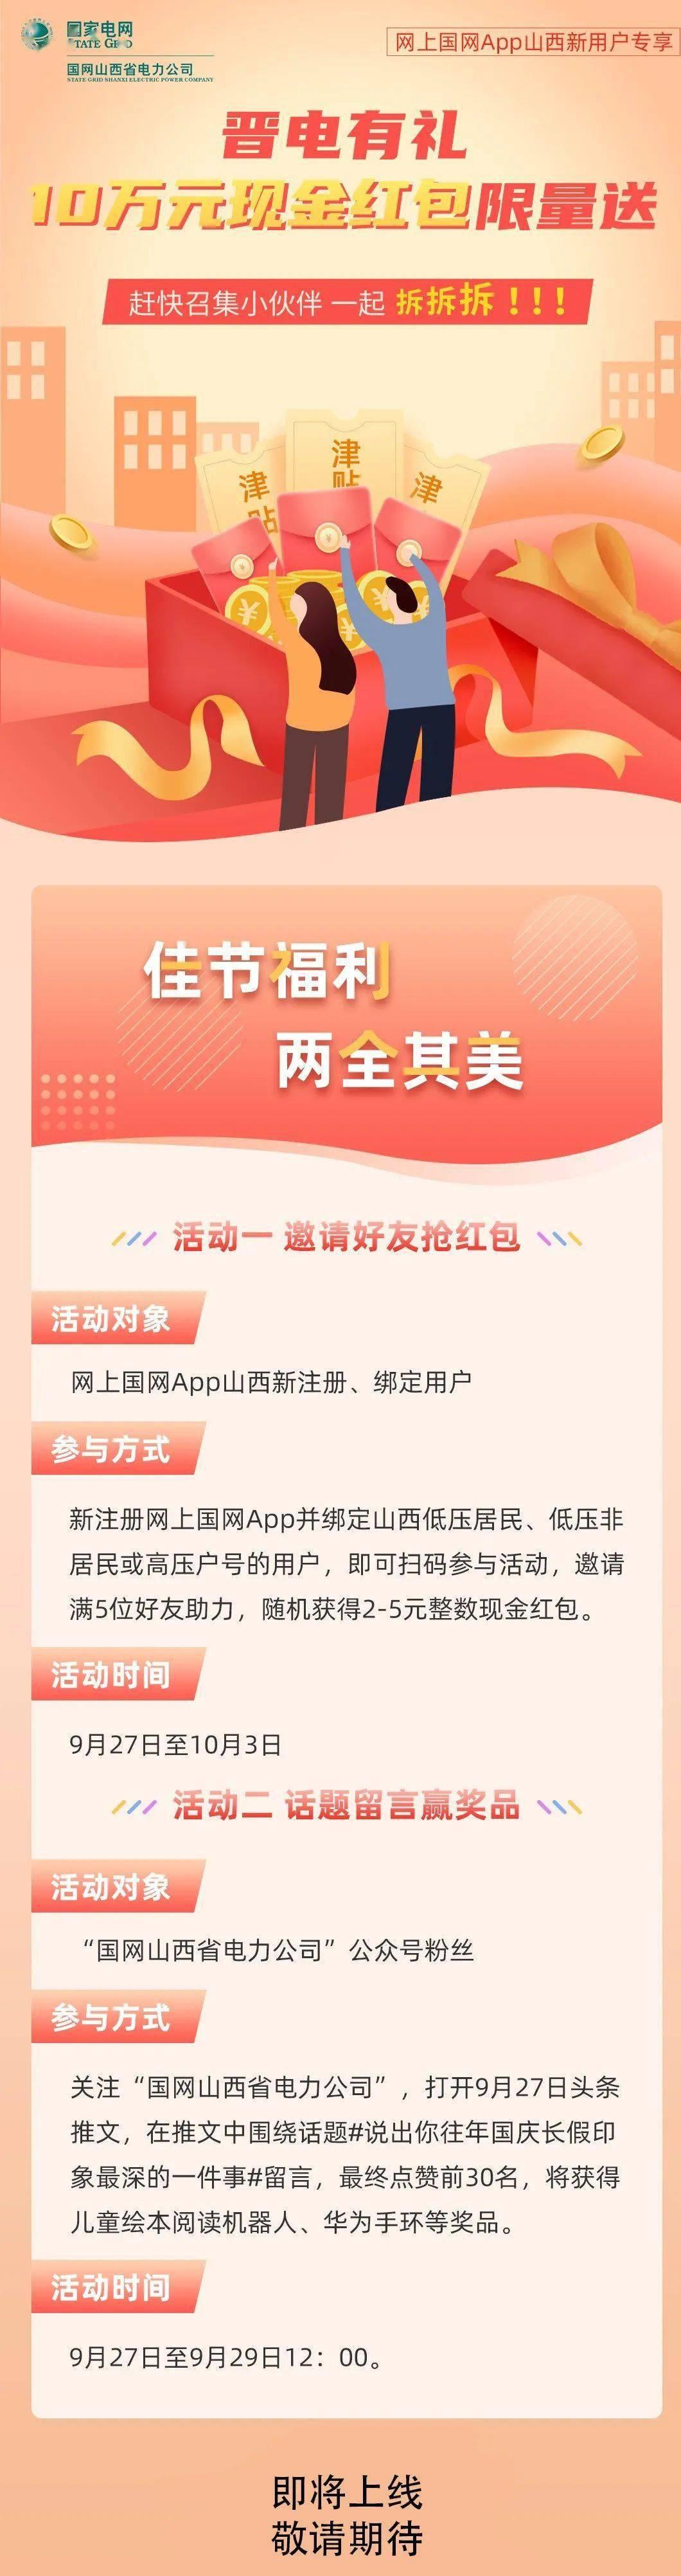 '多宝体育' 逐日红包预算2万元 网上国网App开展交费随机立返运动!!!(图1)